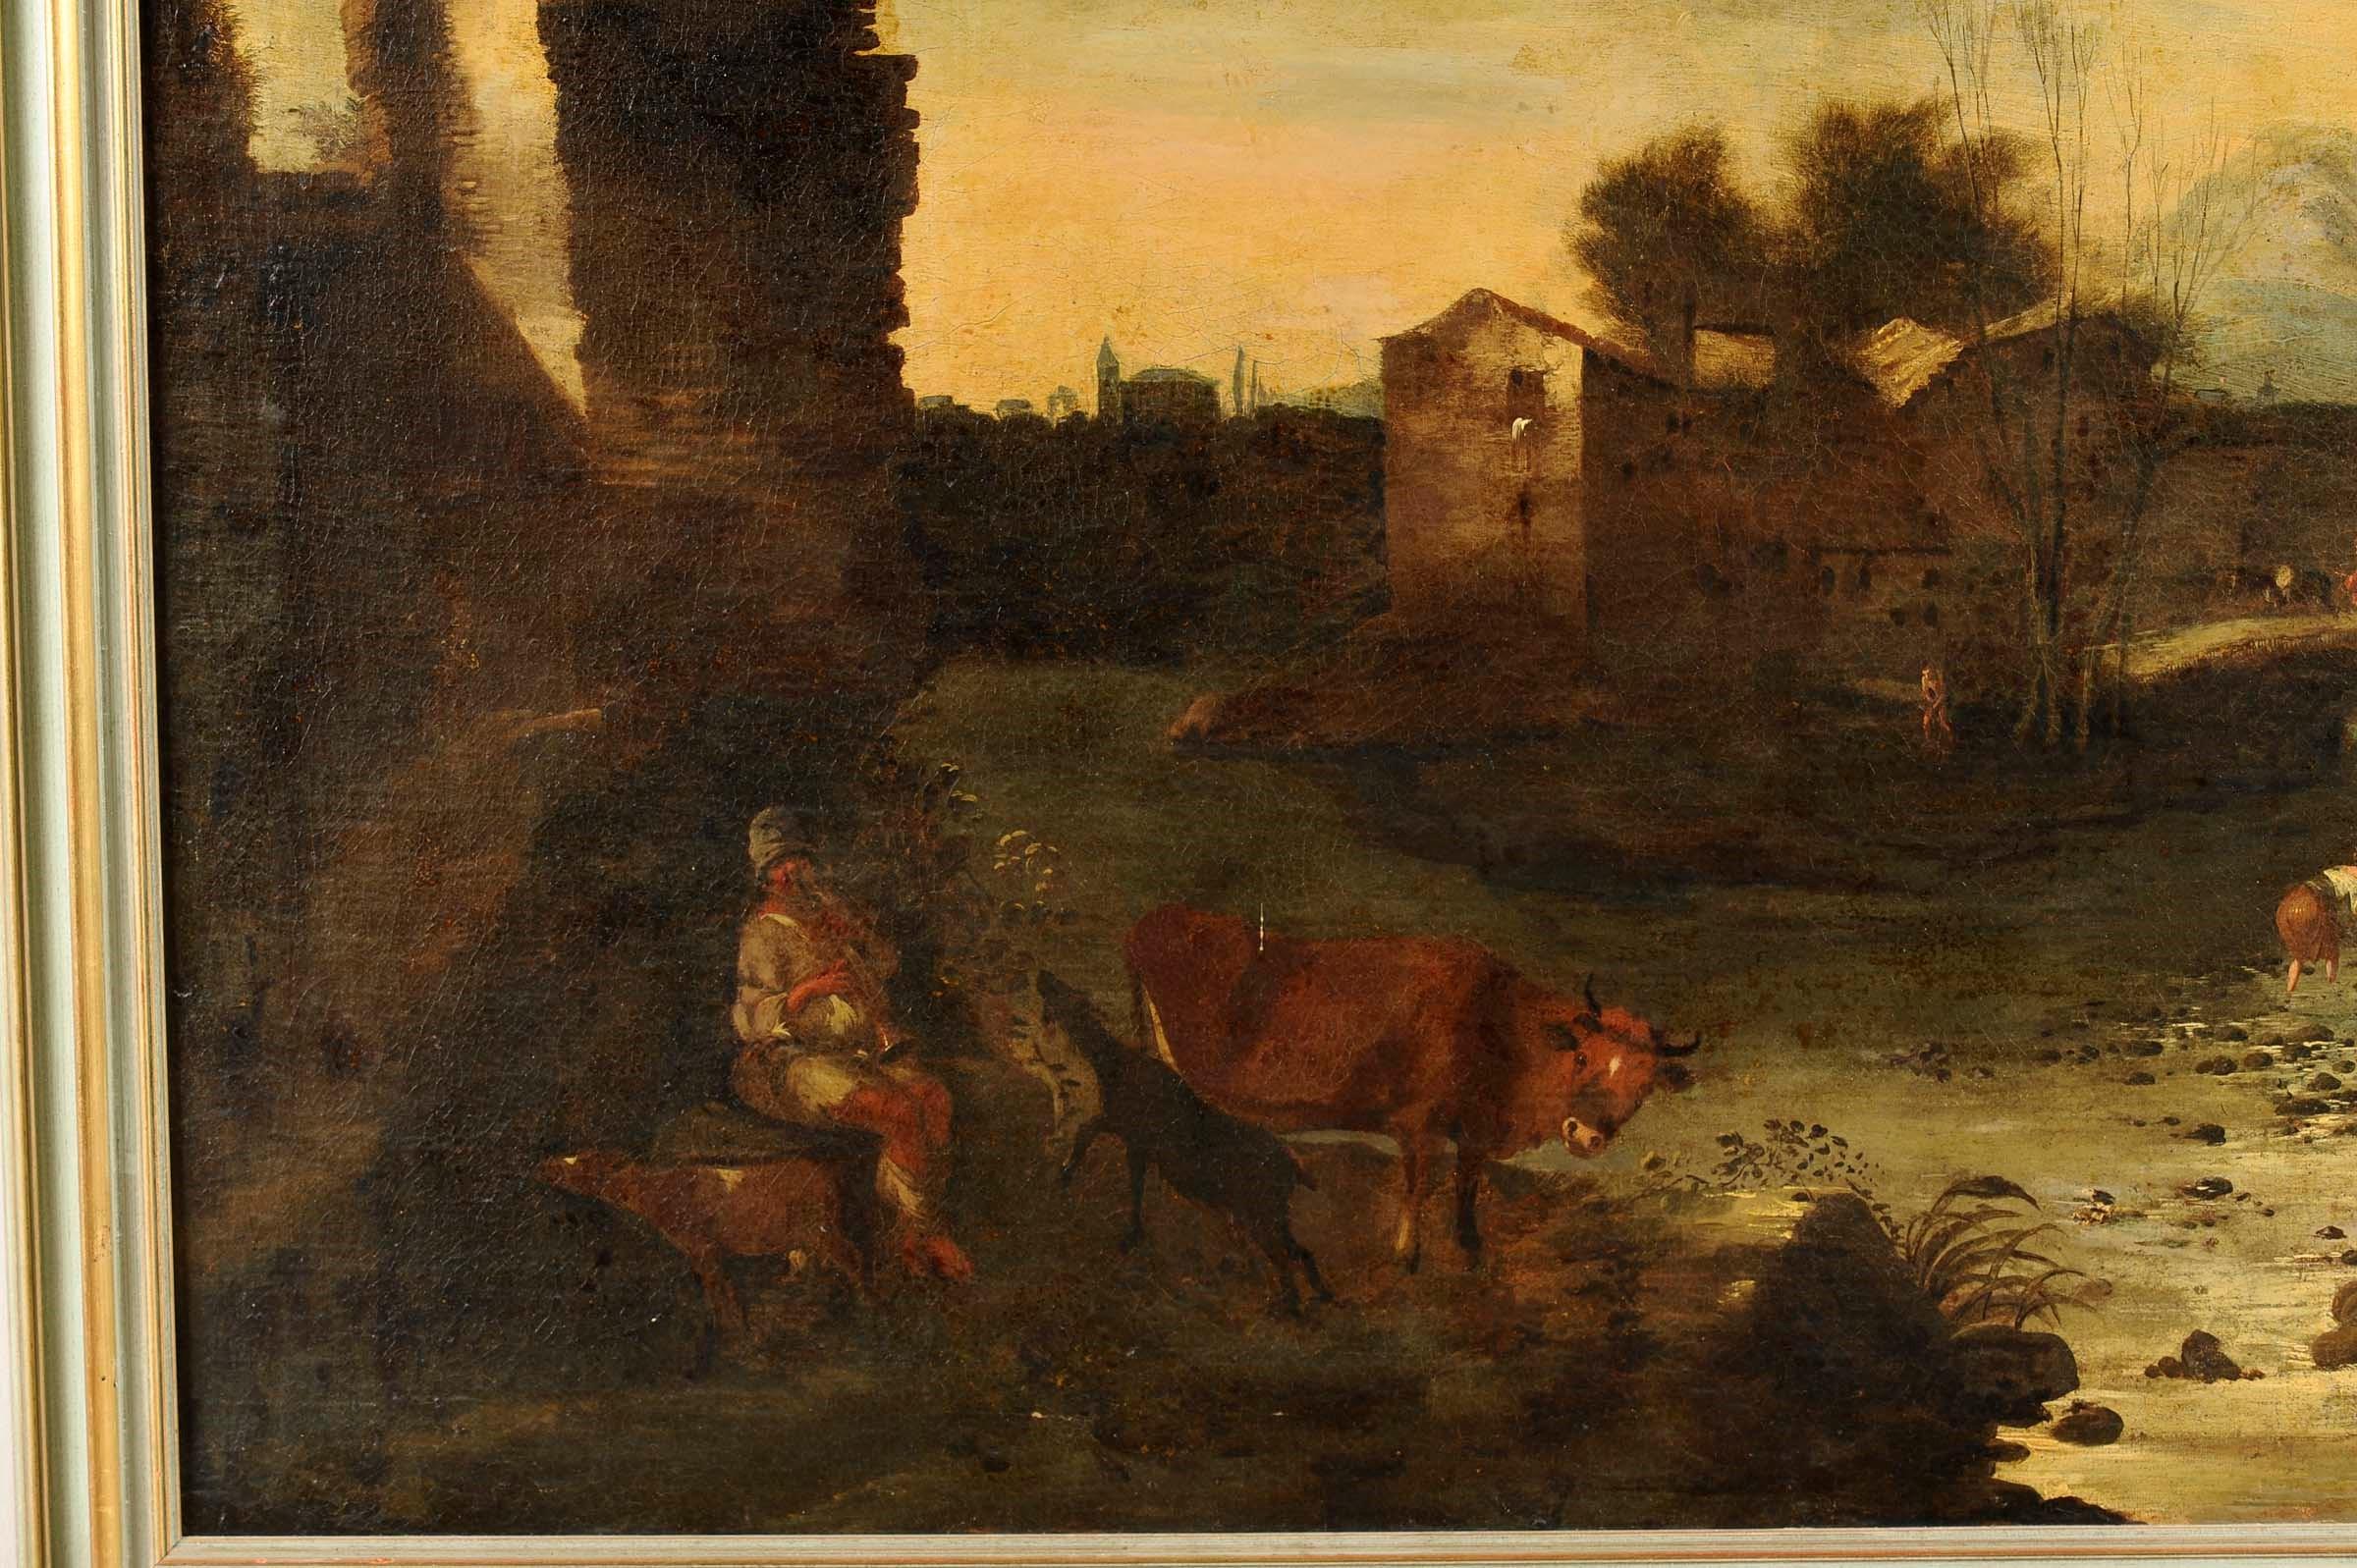 Antonio Travi detto il Sestri (Genova 1608-1665), Paesaggio con rovine e figure - [...] - Bild 2 aus 4